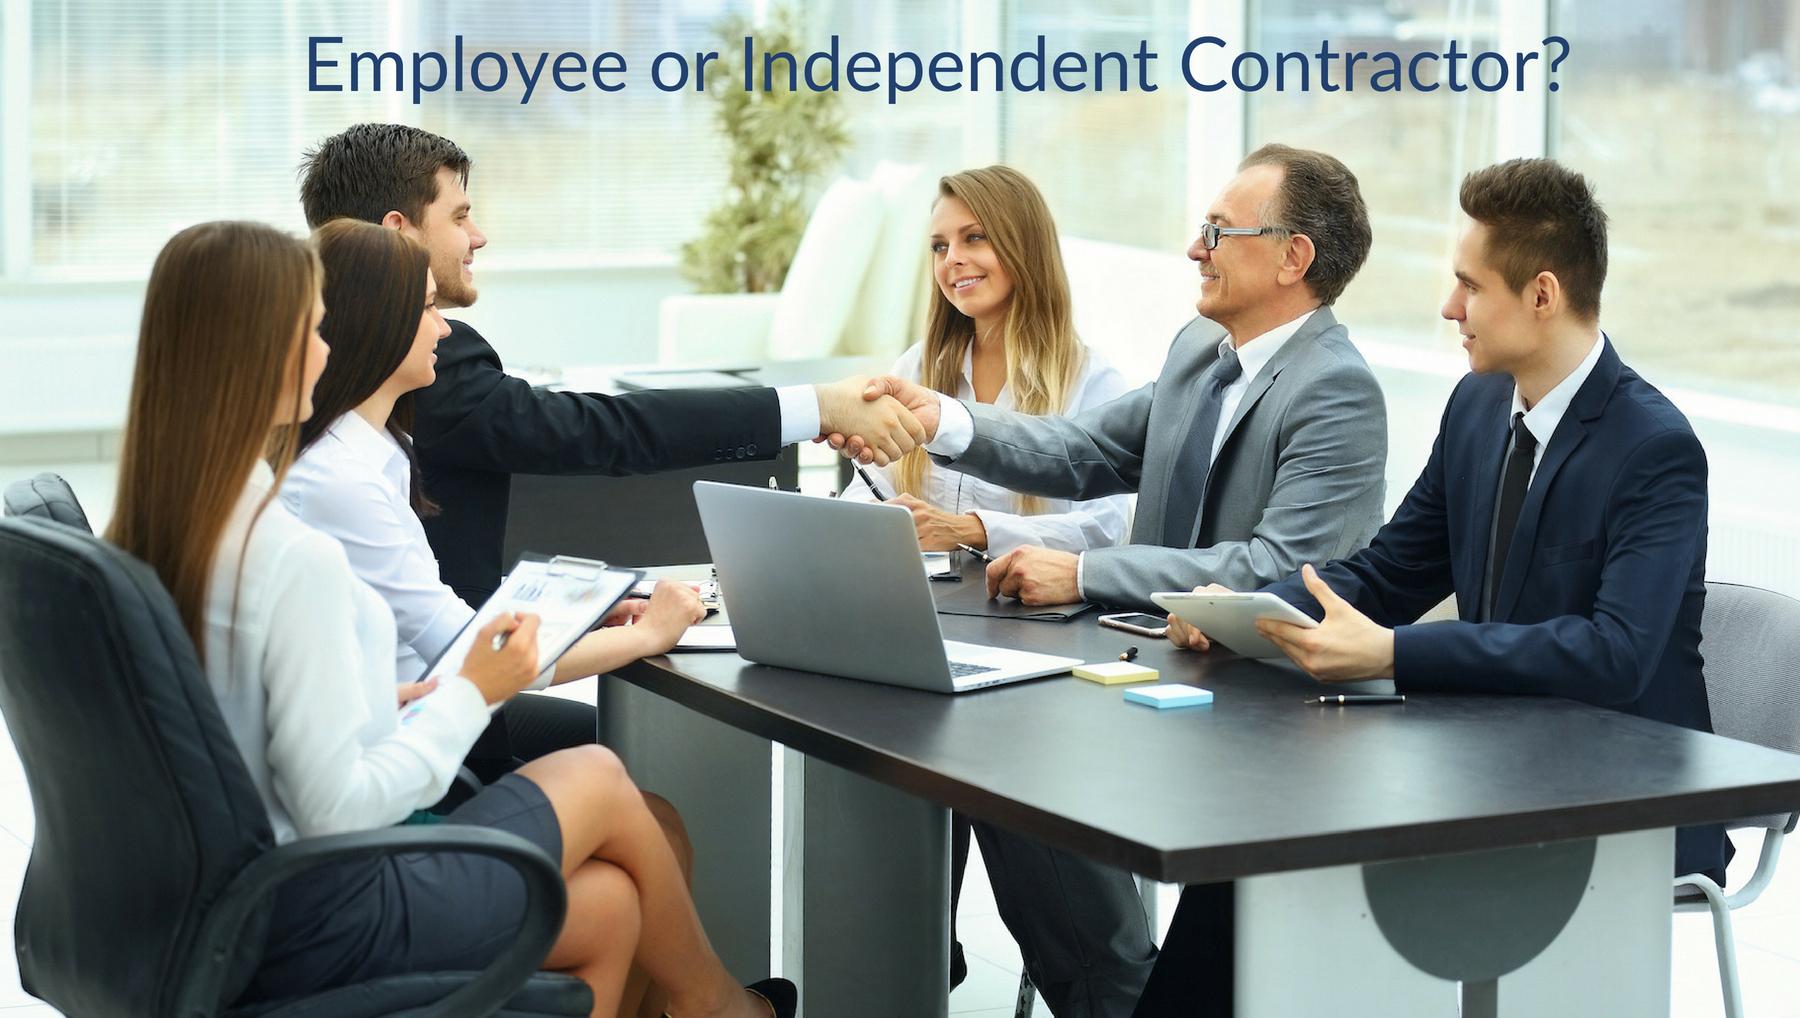 Independent Contractor Designation in California